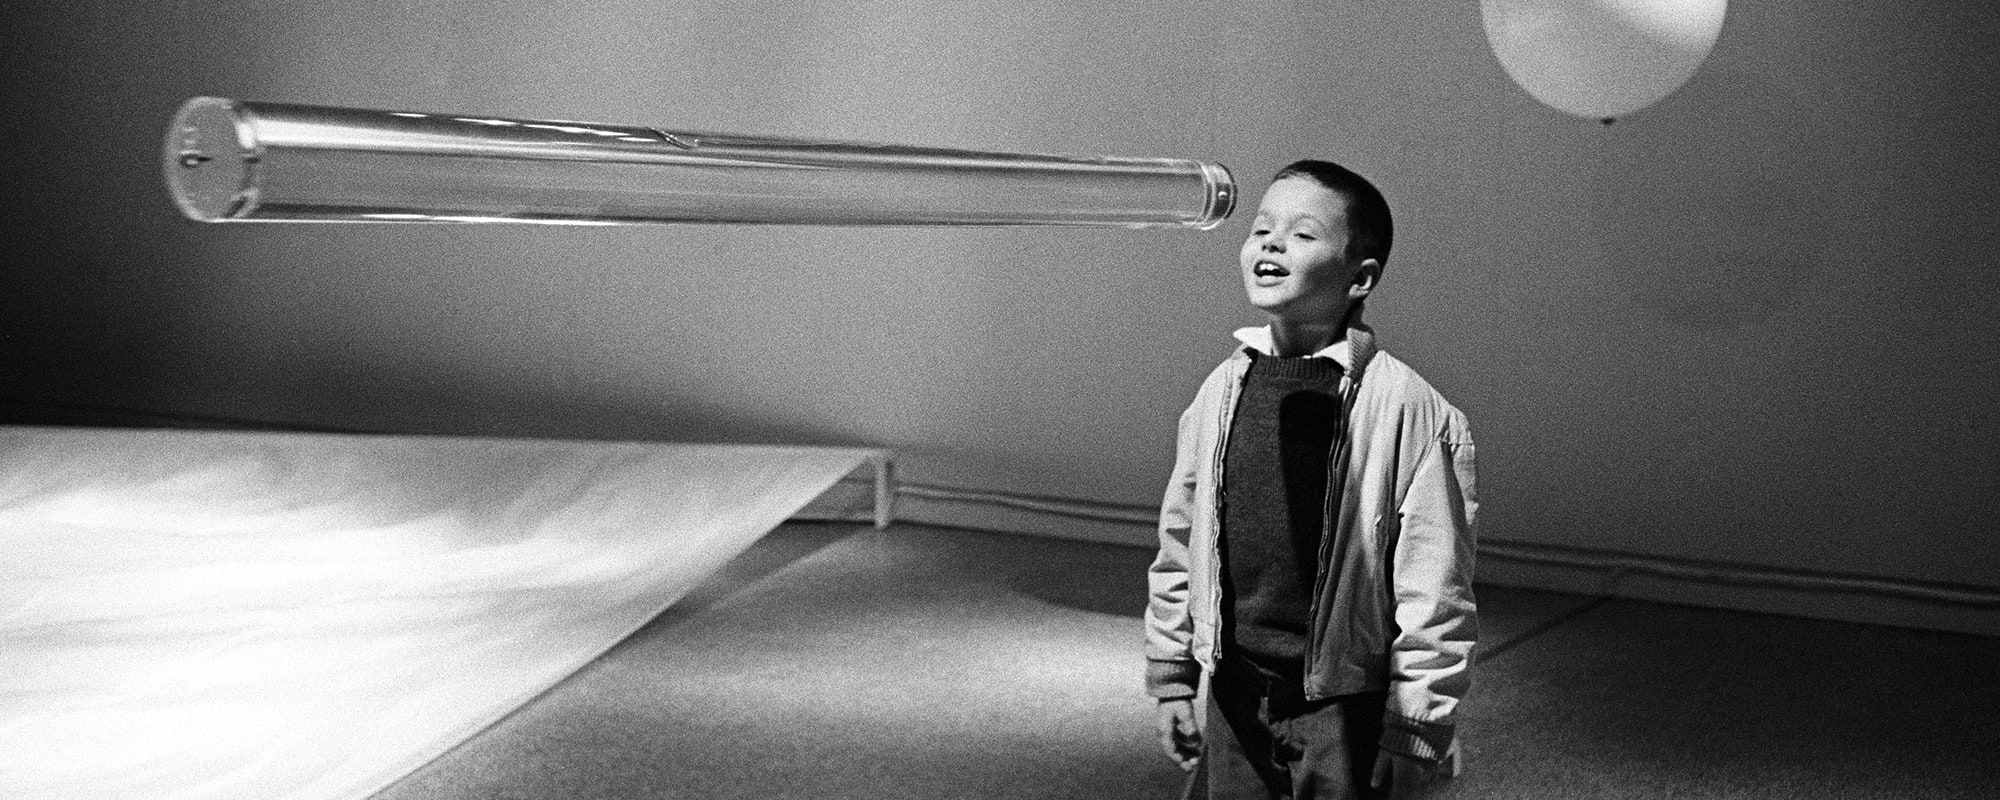 Hans Haacke, Kunst, New Museum, Ausstellung, New York